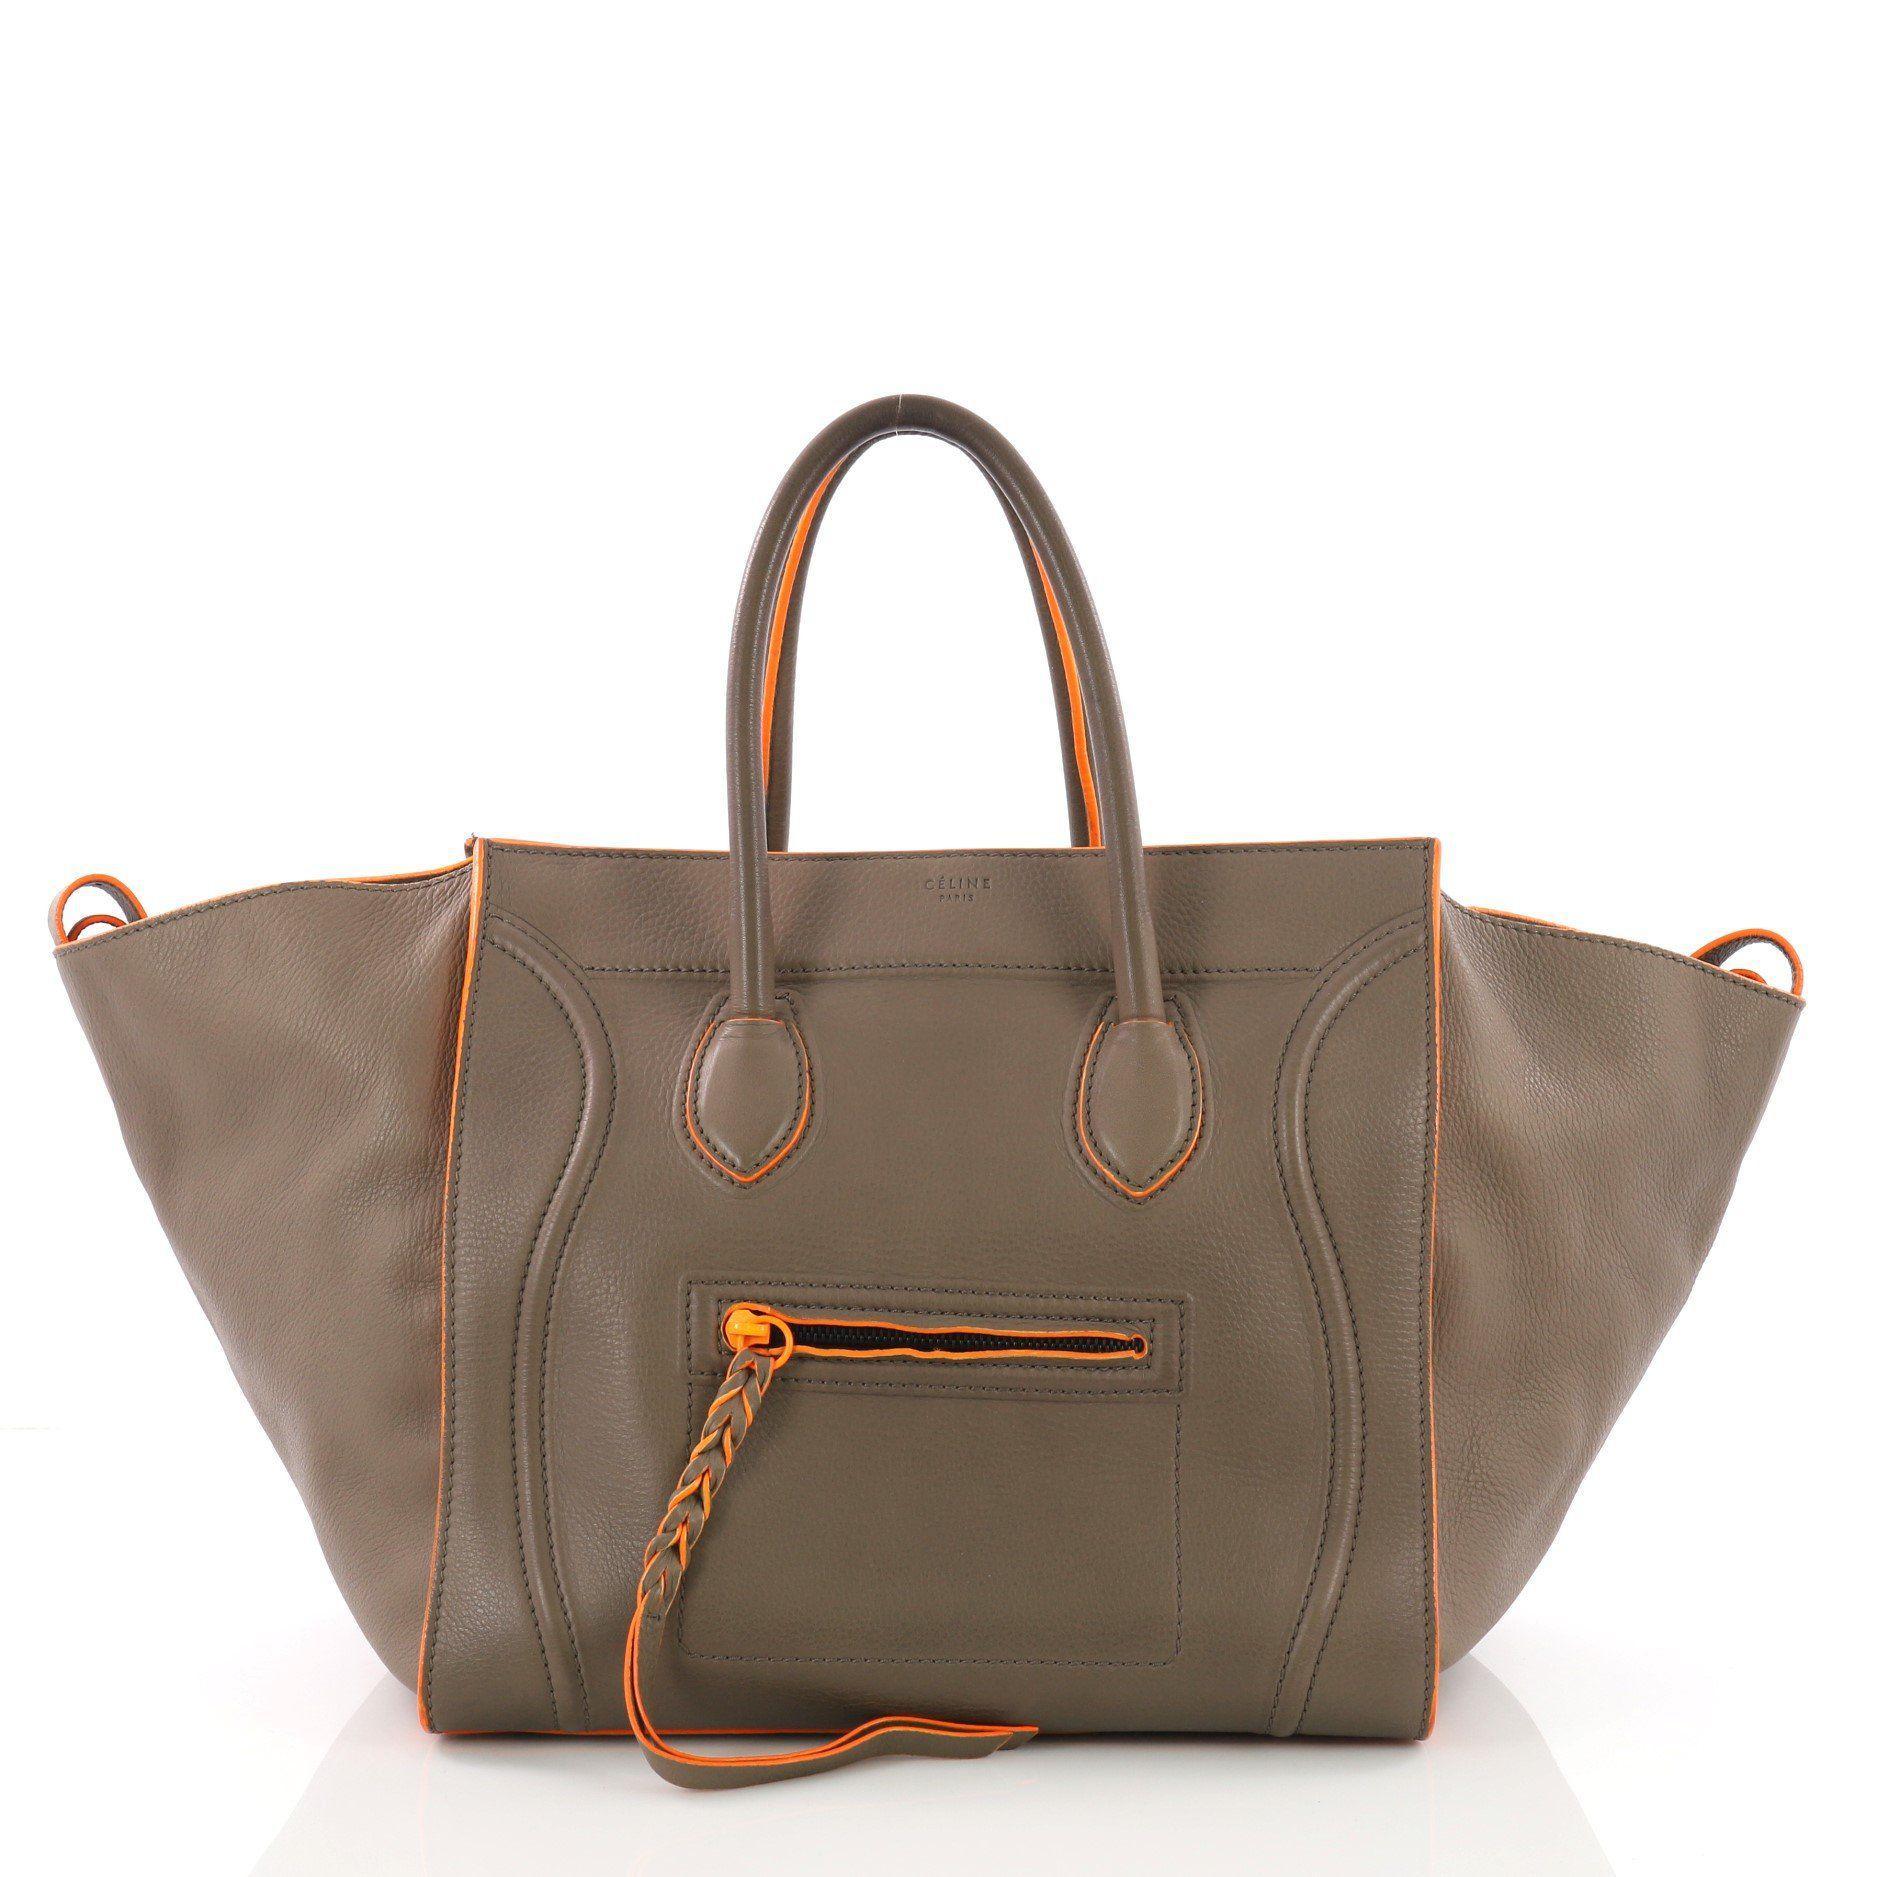 8aa269e843 Lyst - Céline Pre Owned Phantom Handbag Grainy Leather Medium in Brown